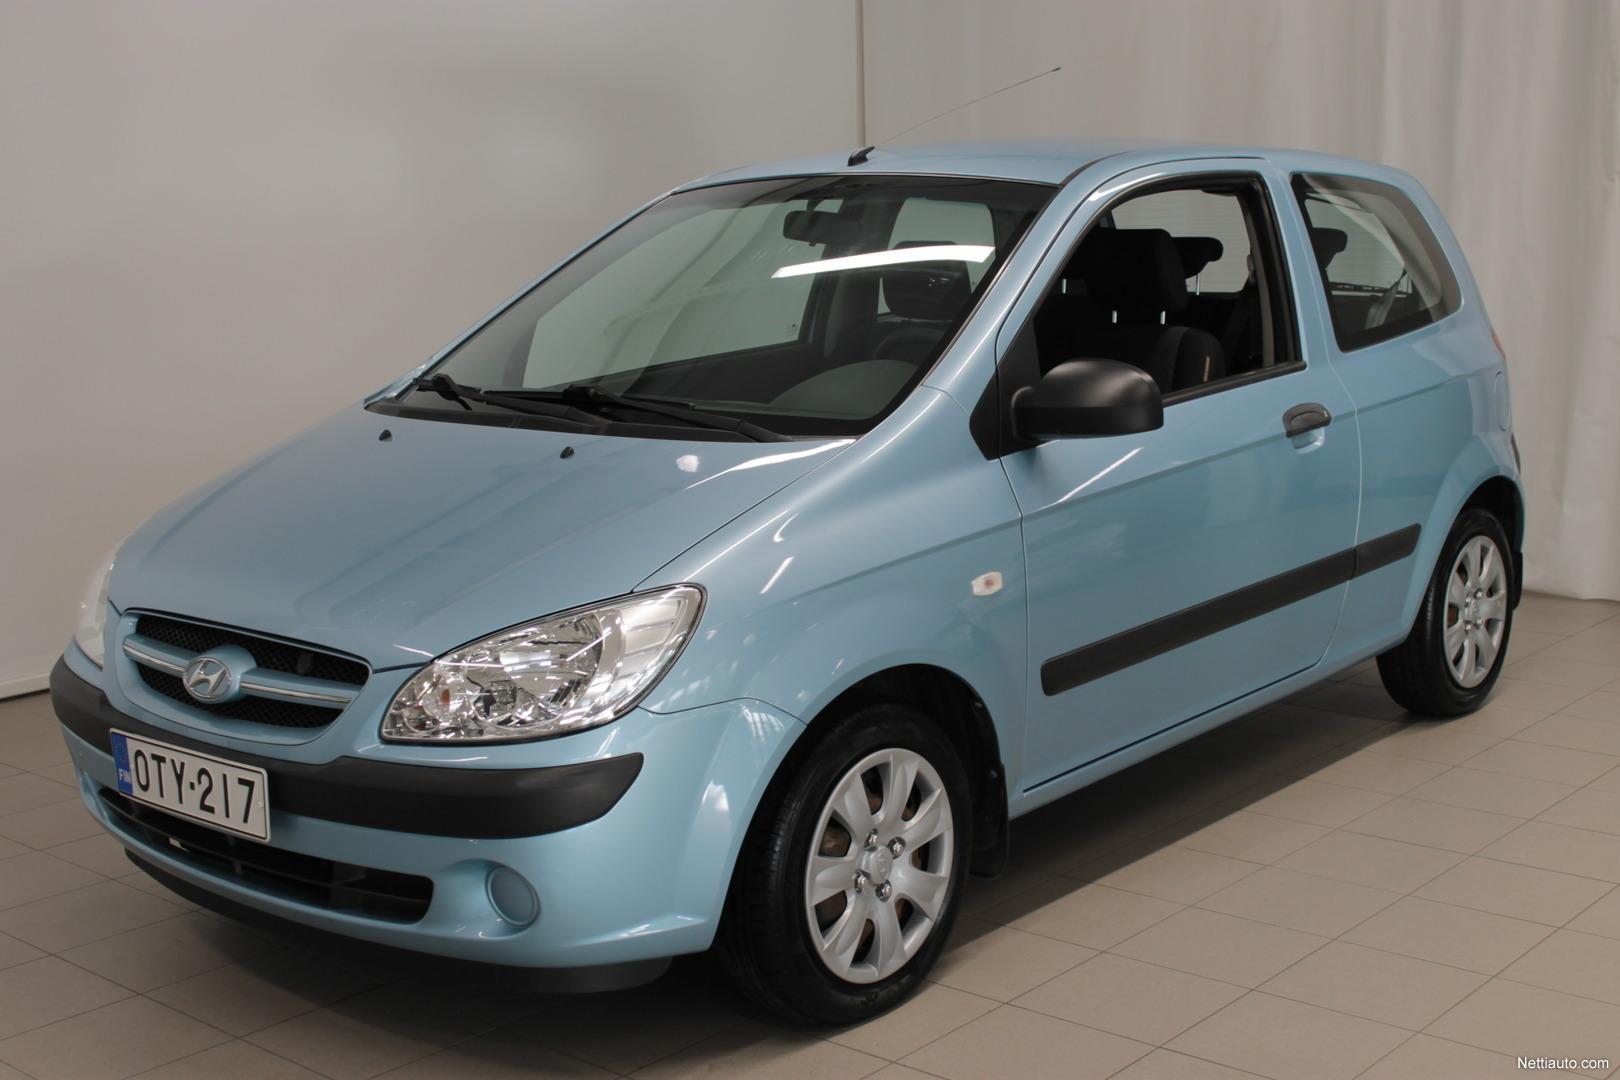 Enlarge image. Hyundai Getz